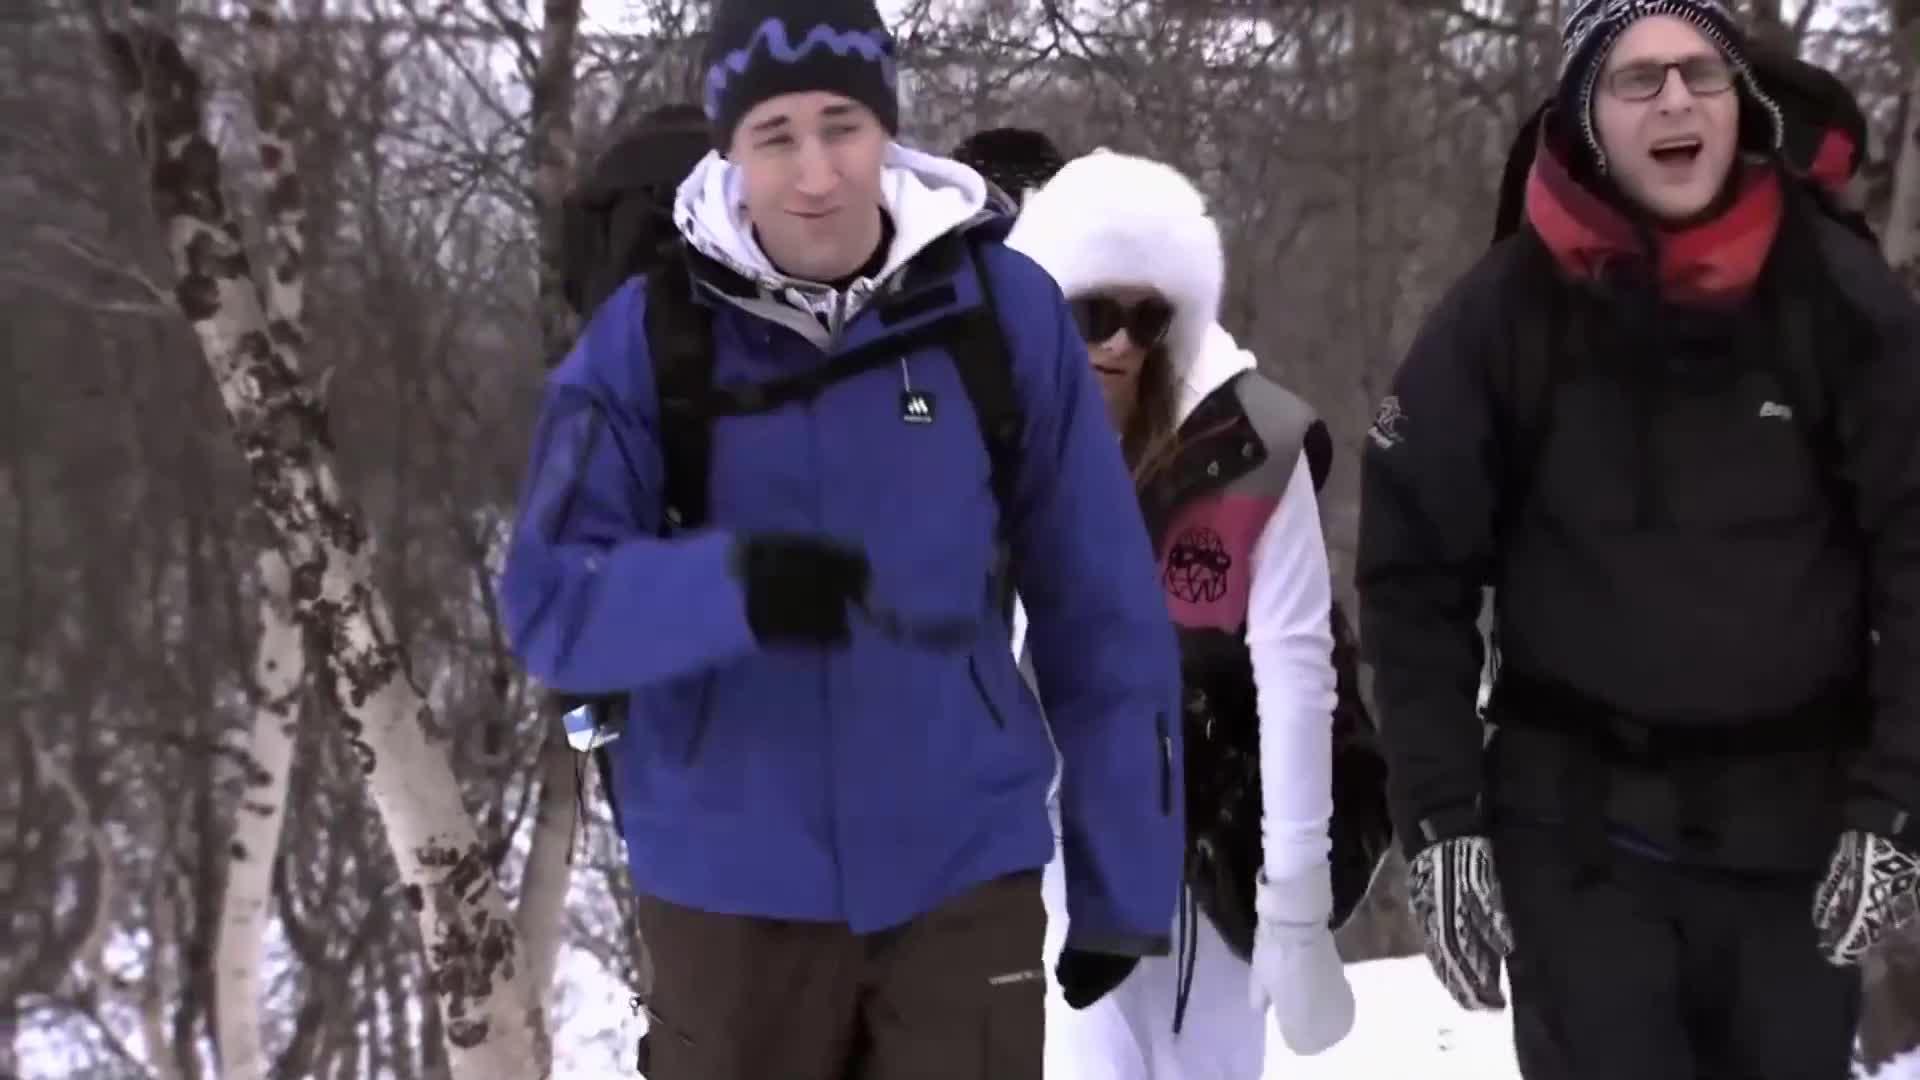 Dead Snow 1 ผีหิมะ กัดกระชากโหด (2009)